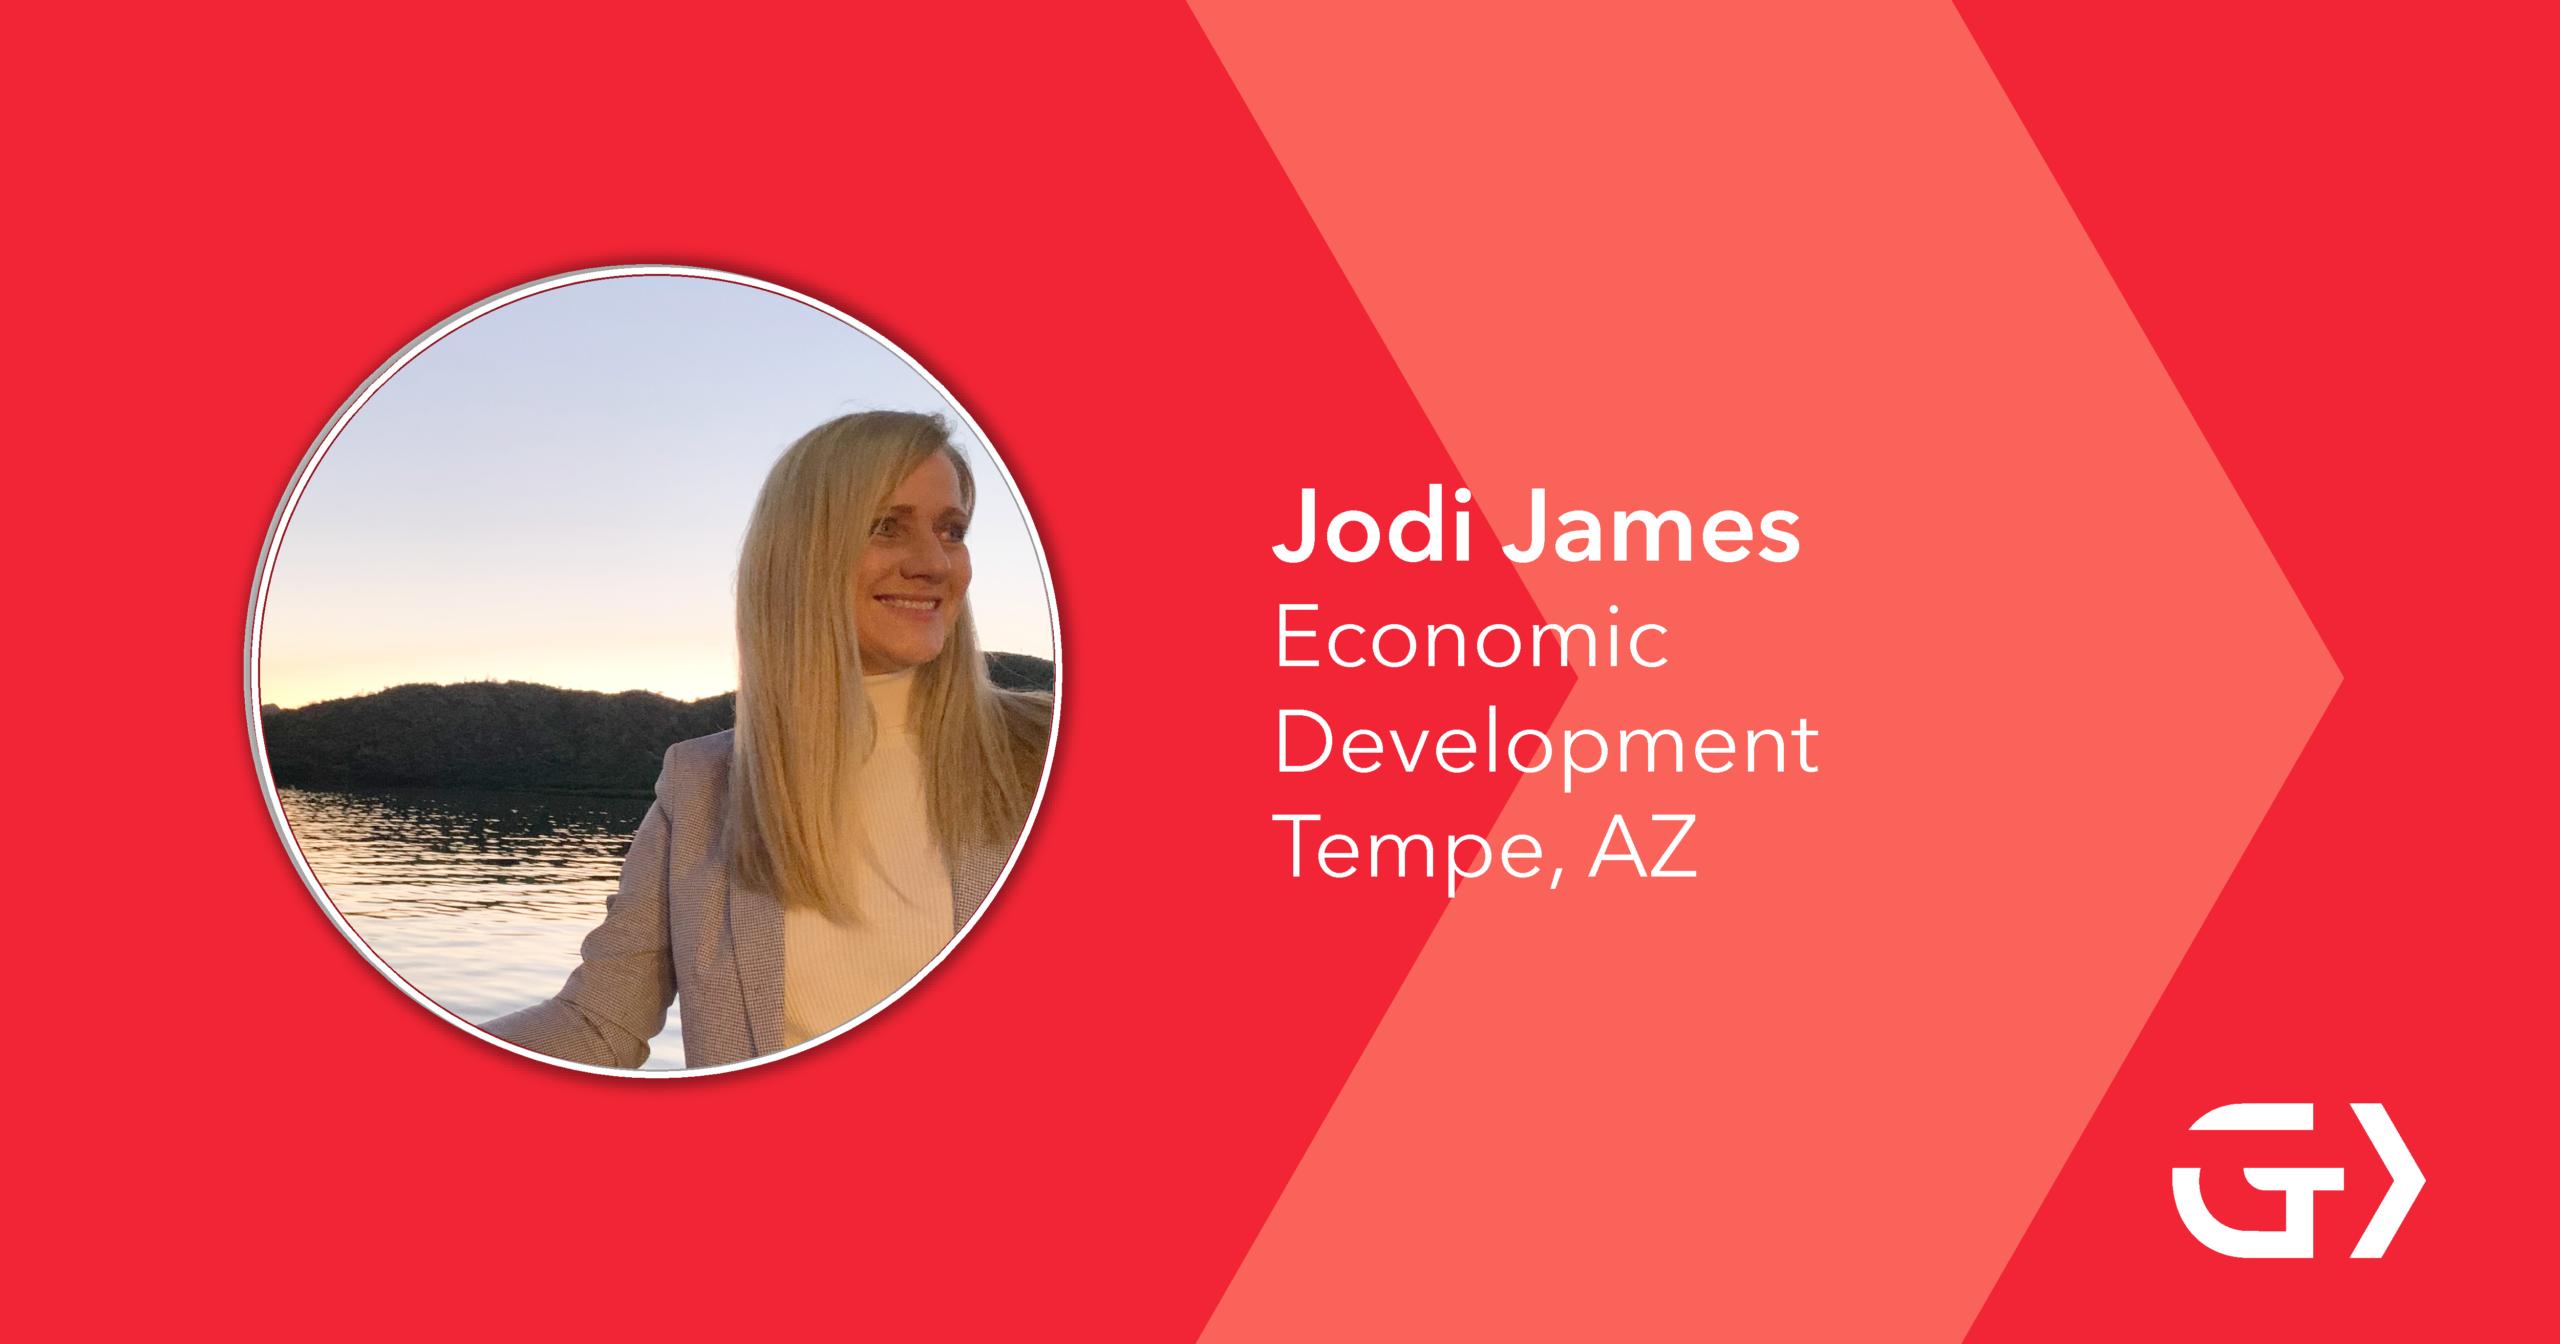 Jodi James, Economic Development, Tempe, AZ